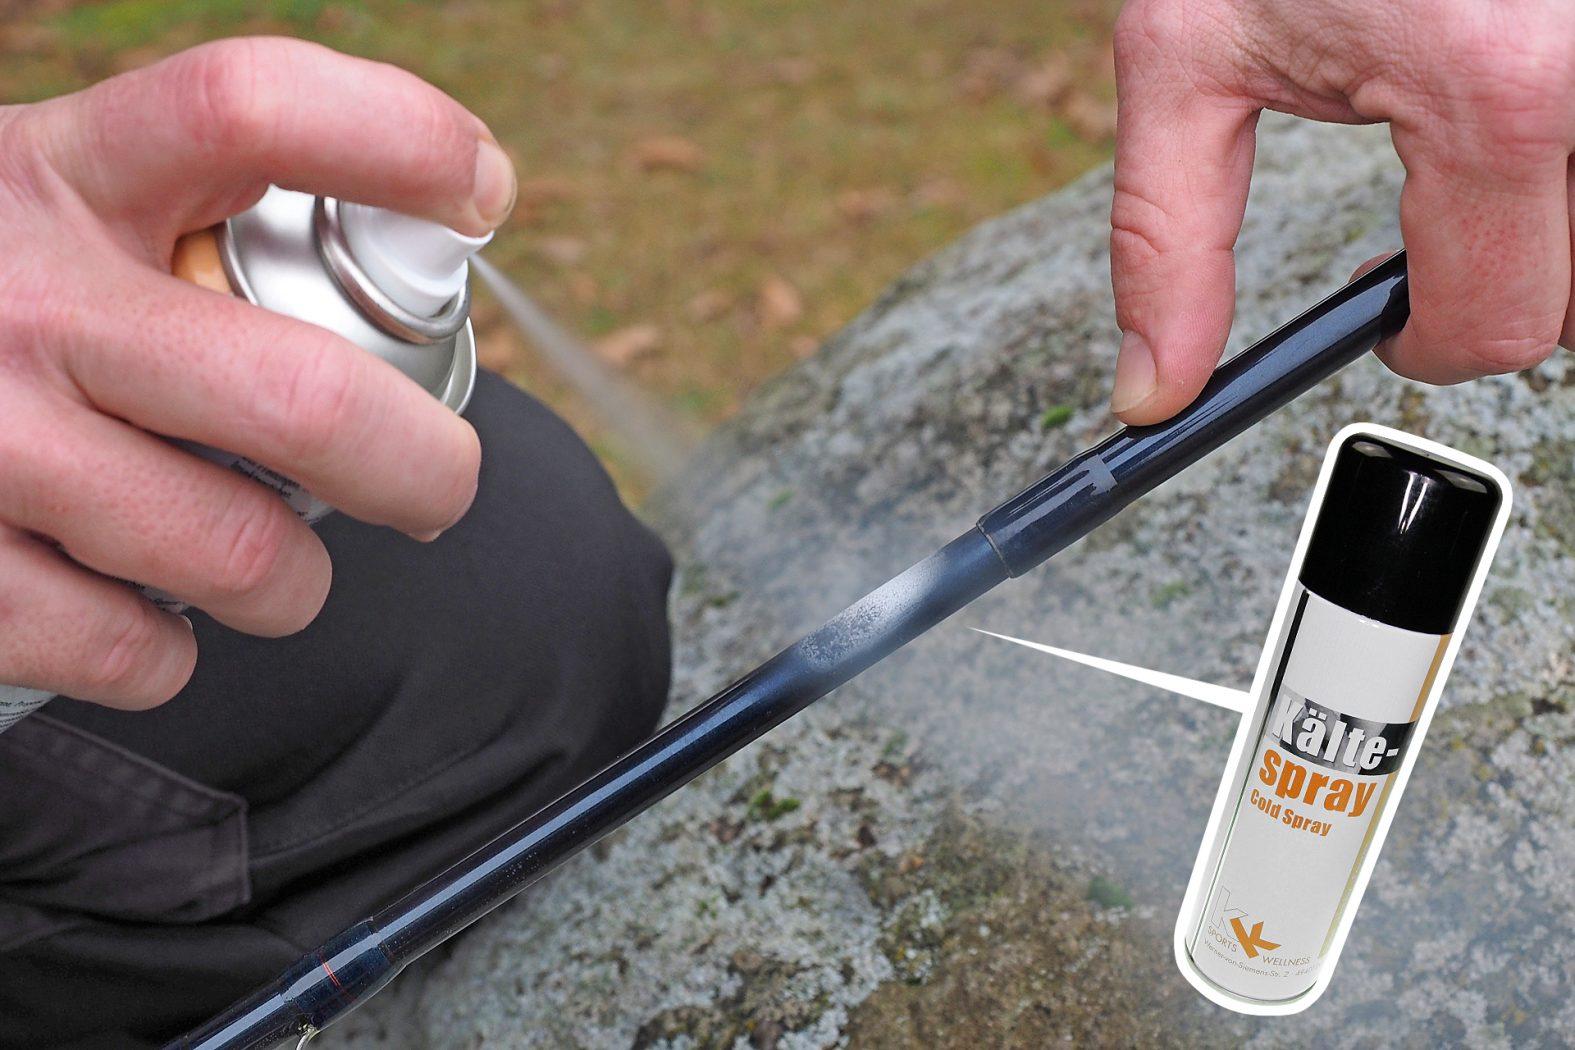 Angelruten Steckverbindung mit Eisspray lösen